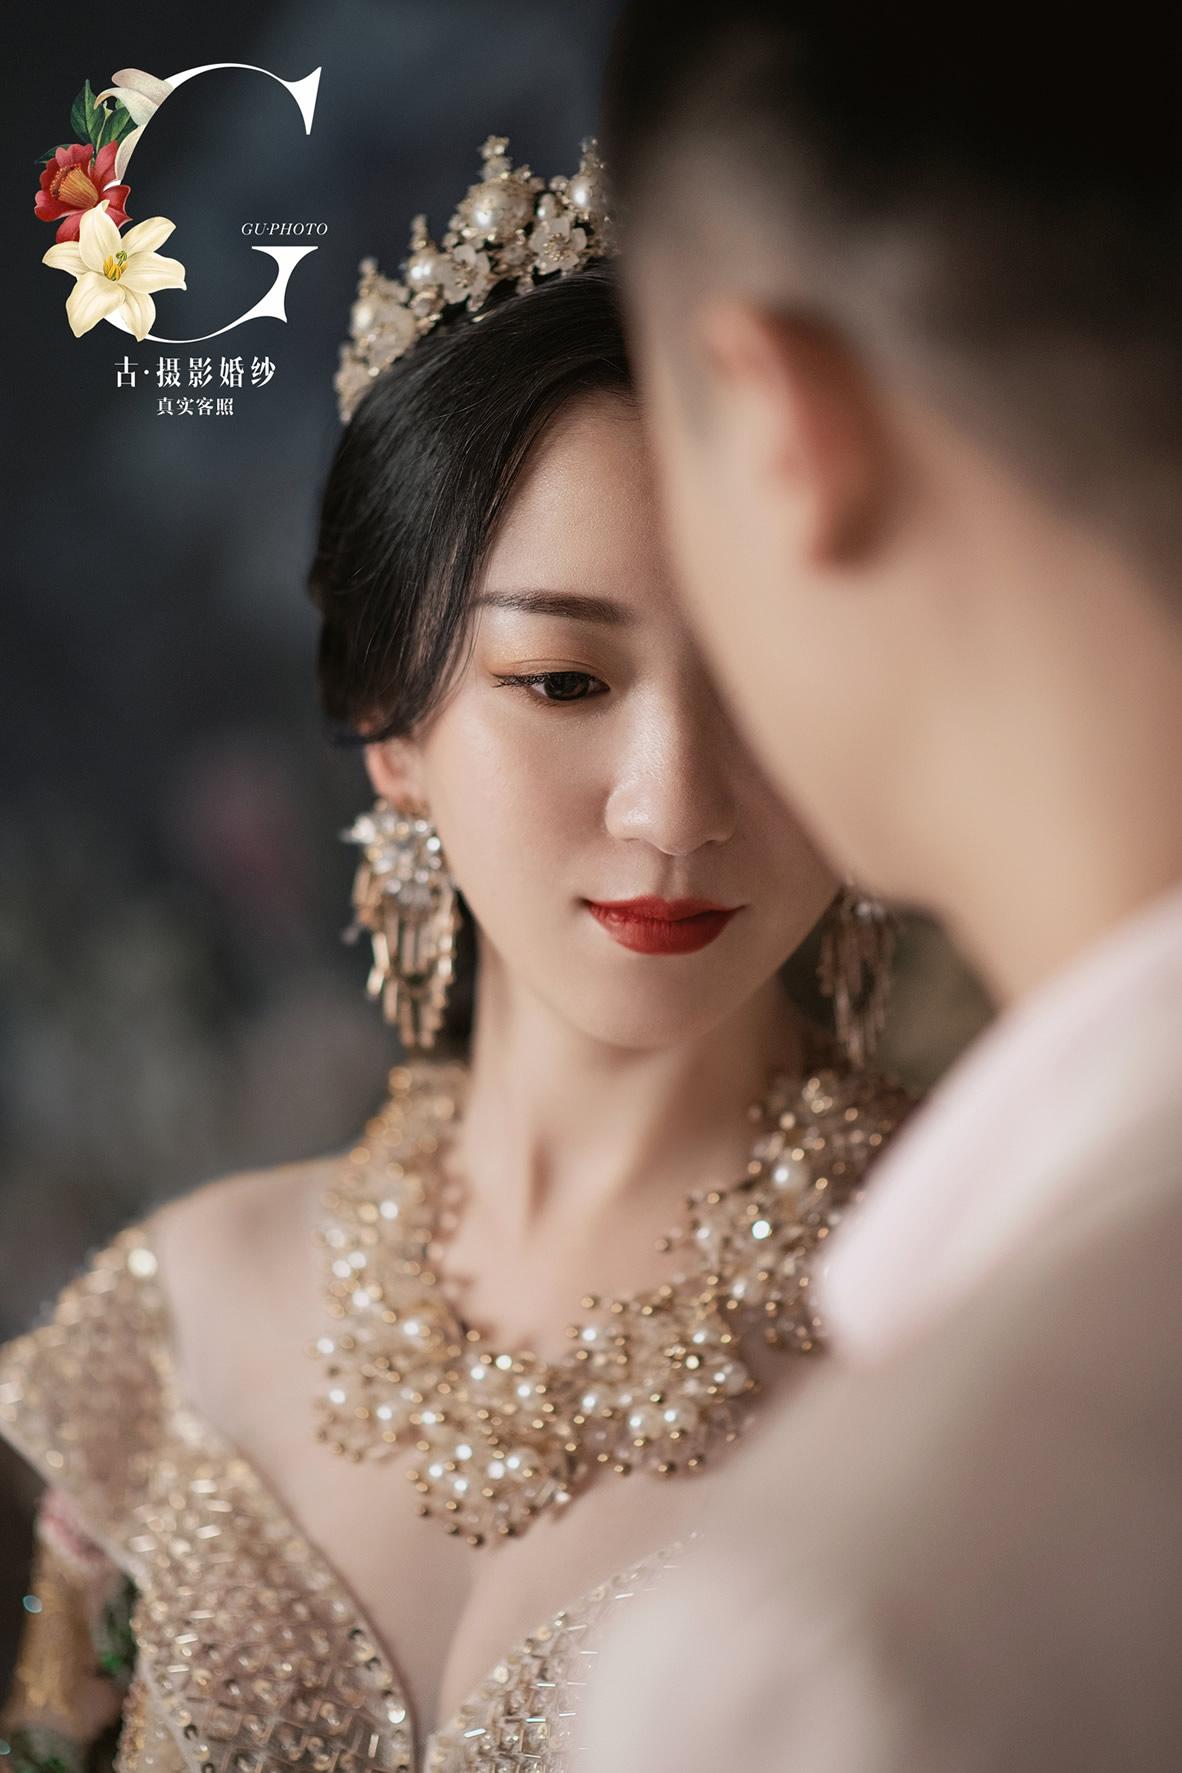 欧阳先生 罗小姐 - 每日客照 - 古摄影婚纱艺术-古摄影成都婚纱摄影艺术摄影网